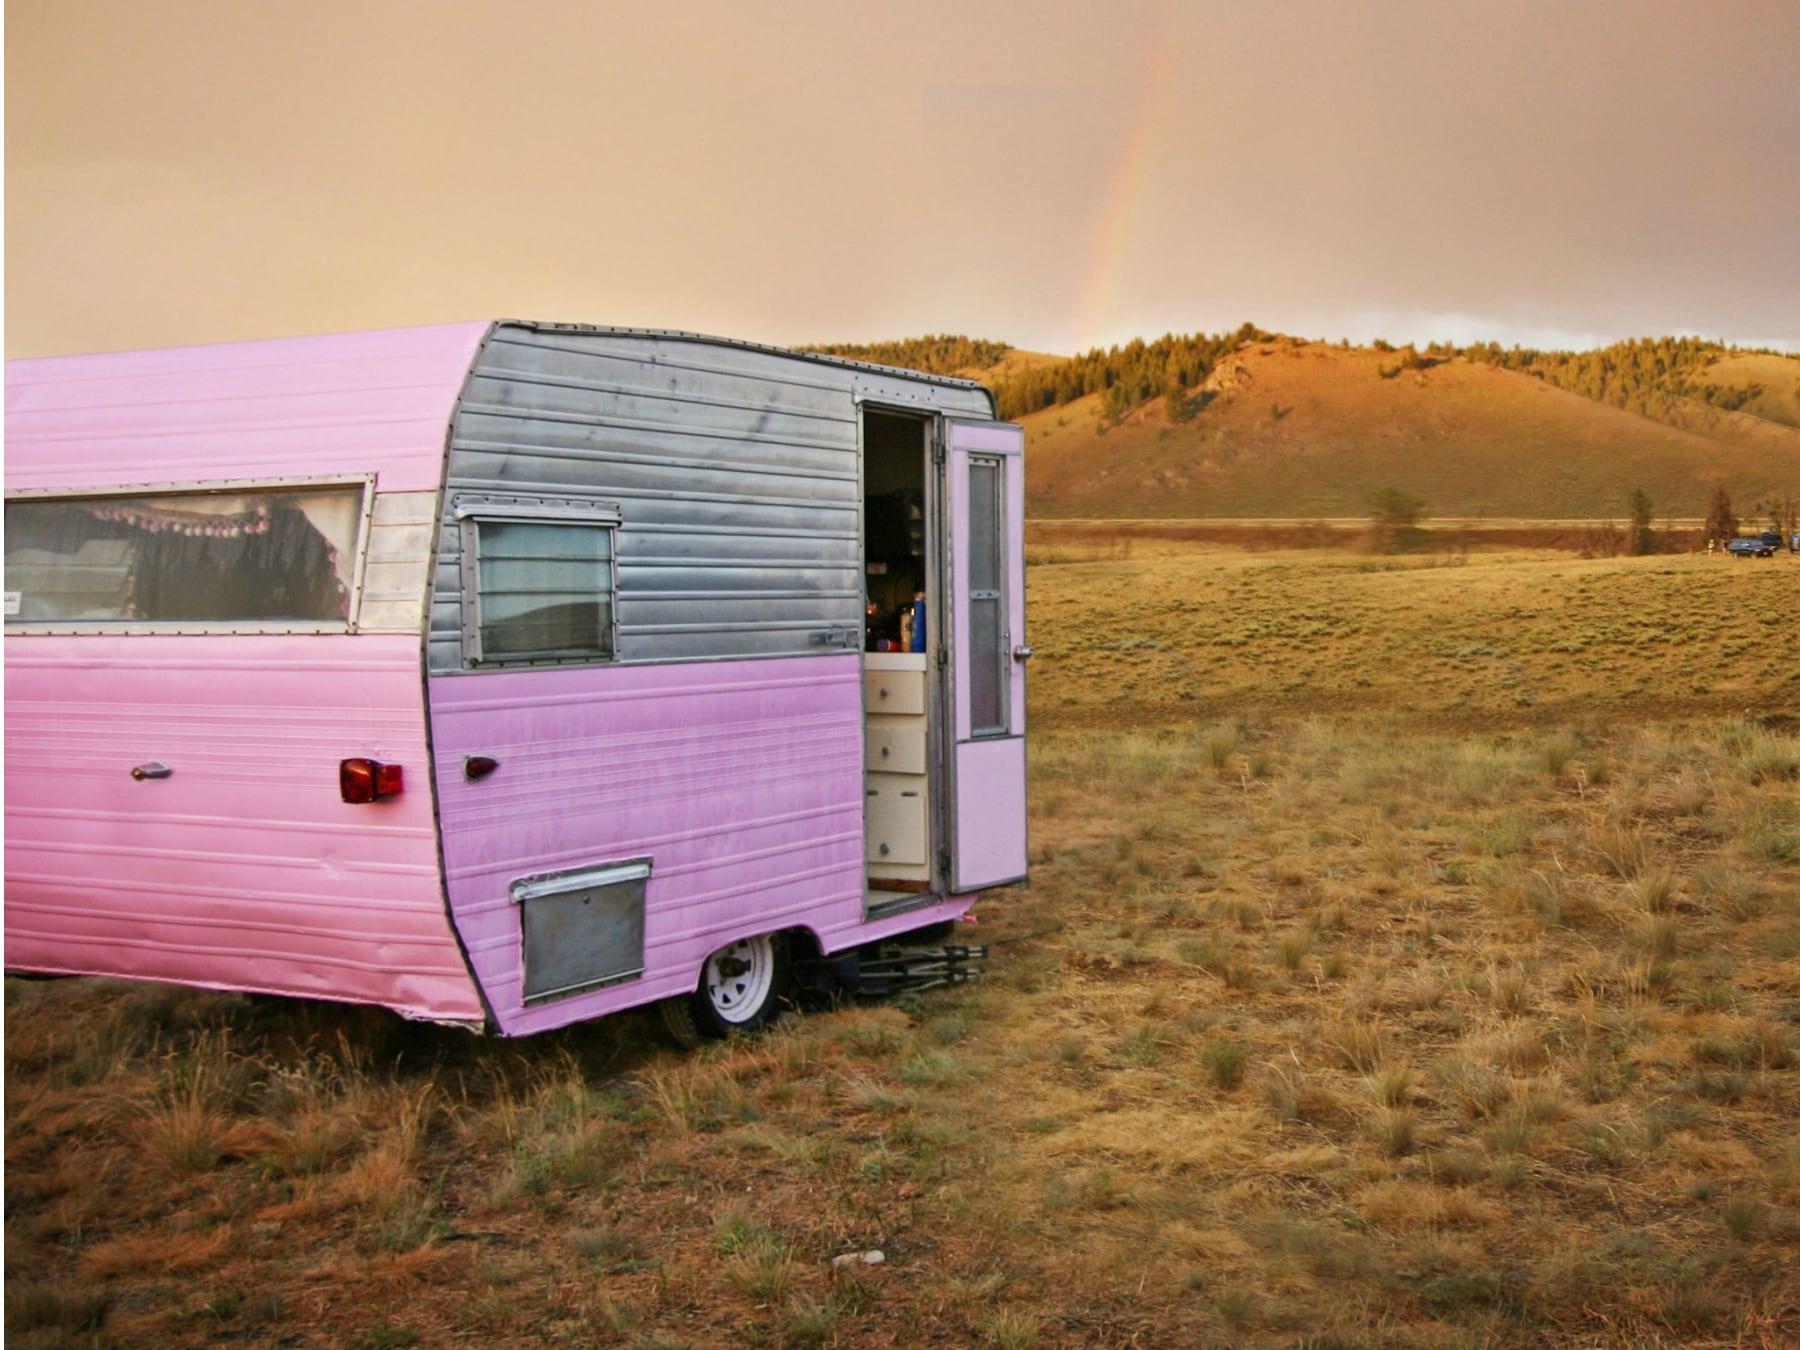 Stellplatz Verbot für Wohnwagen, warum?!